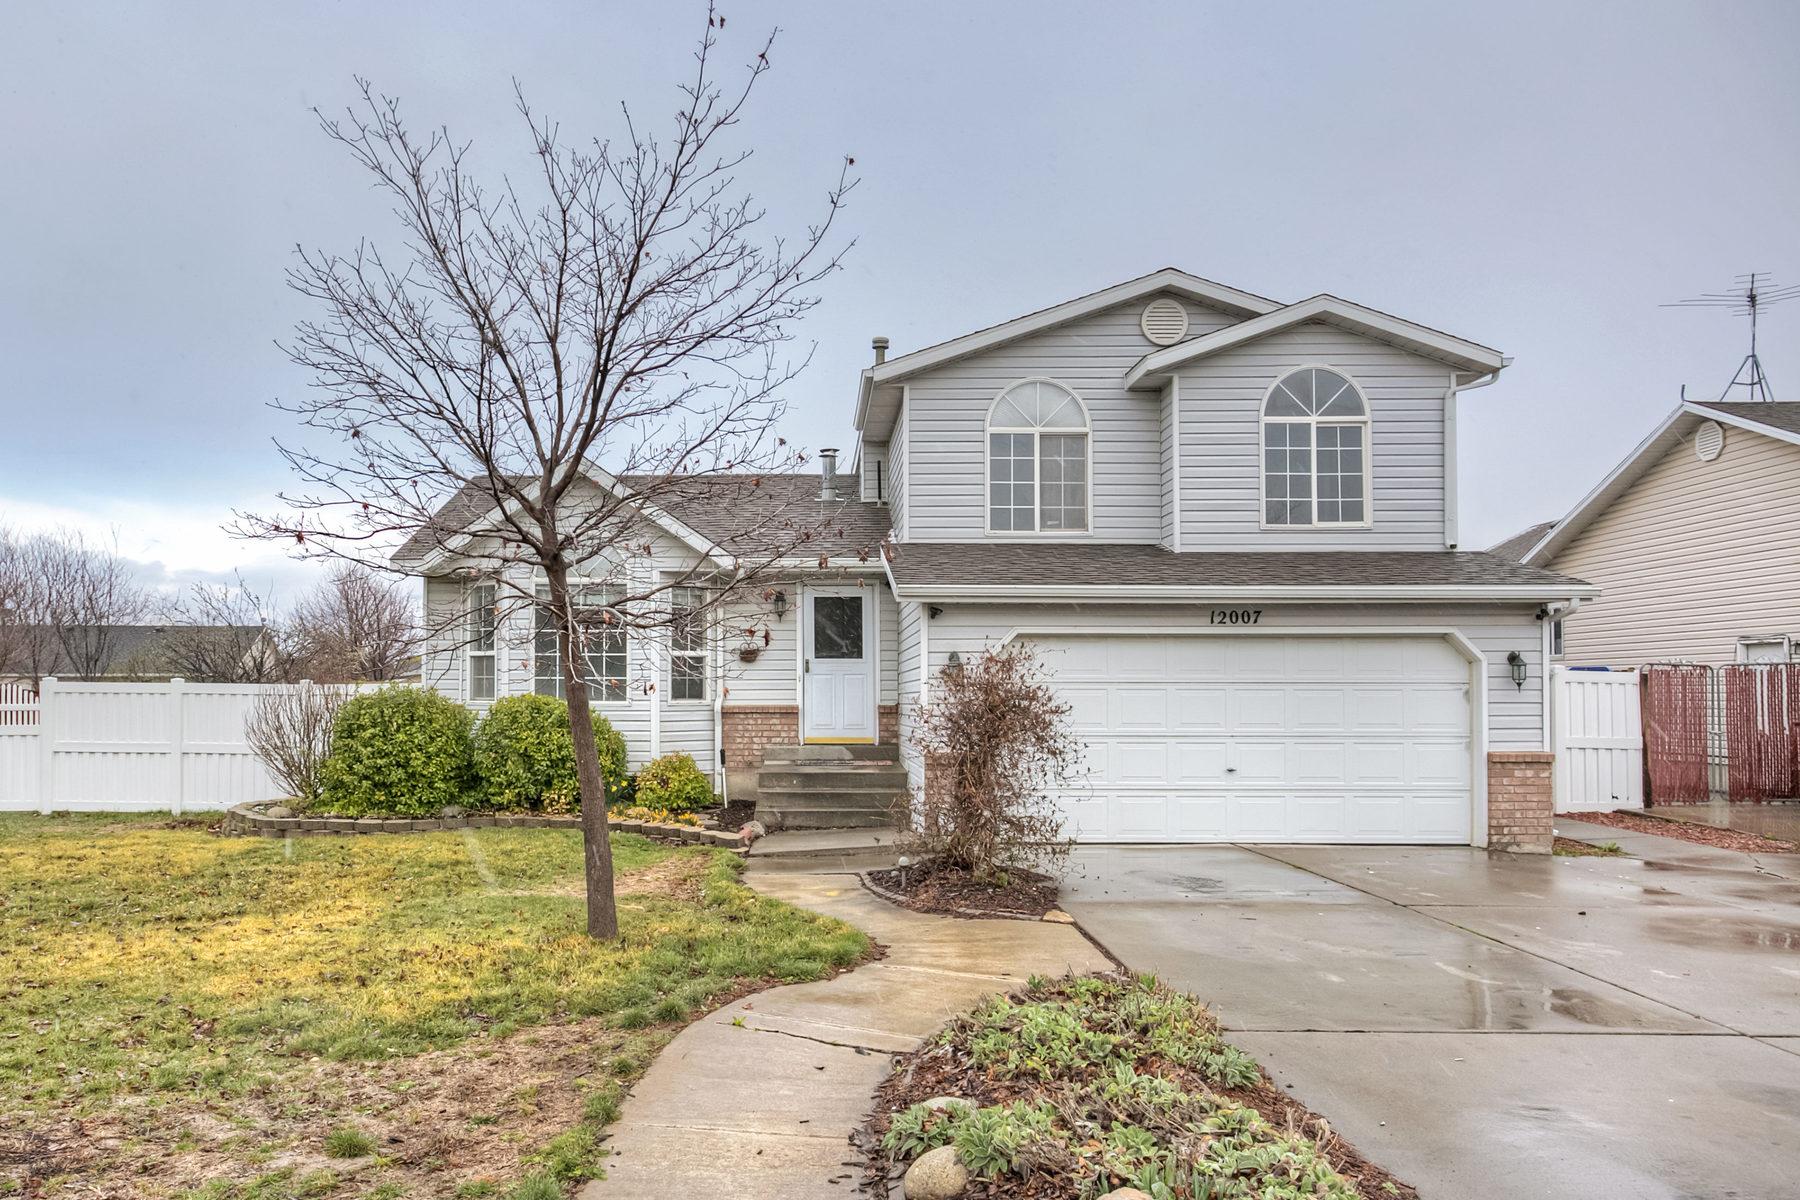 独户住宅 为 销售 在 Stunning Riverton Tri-Level 12007 South 3200 West 里弗顿, 犹他州, 84065 美国